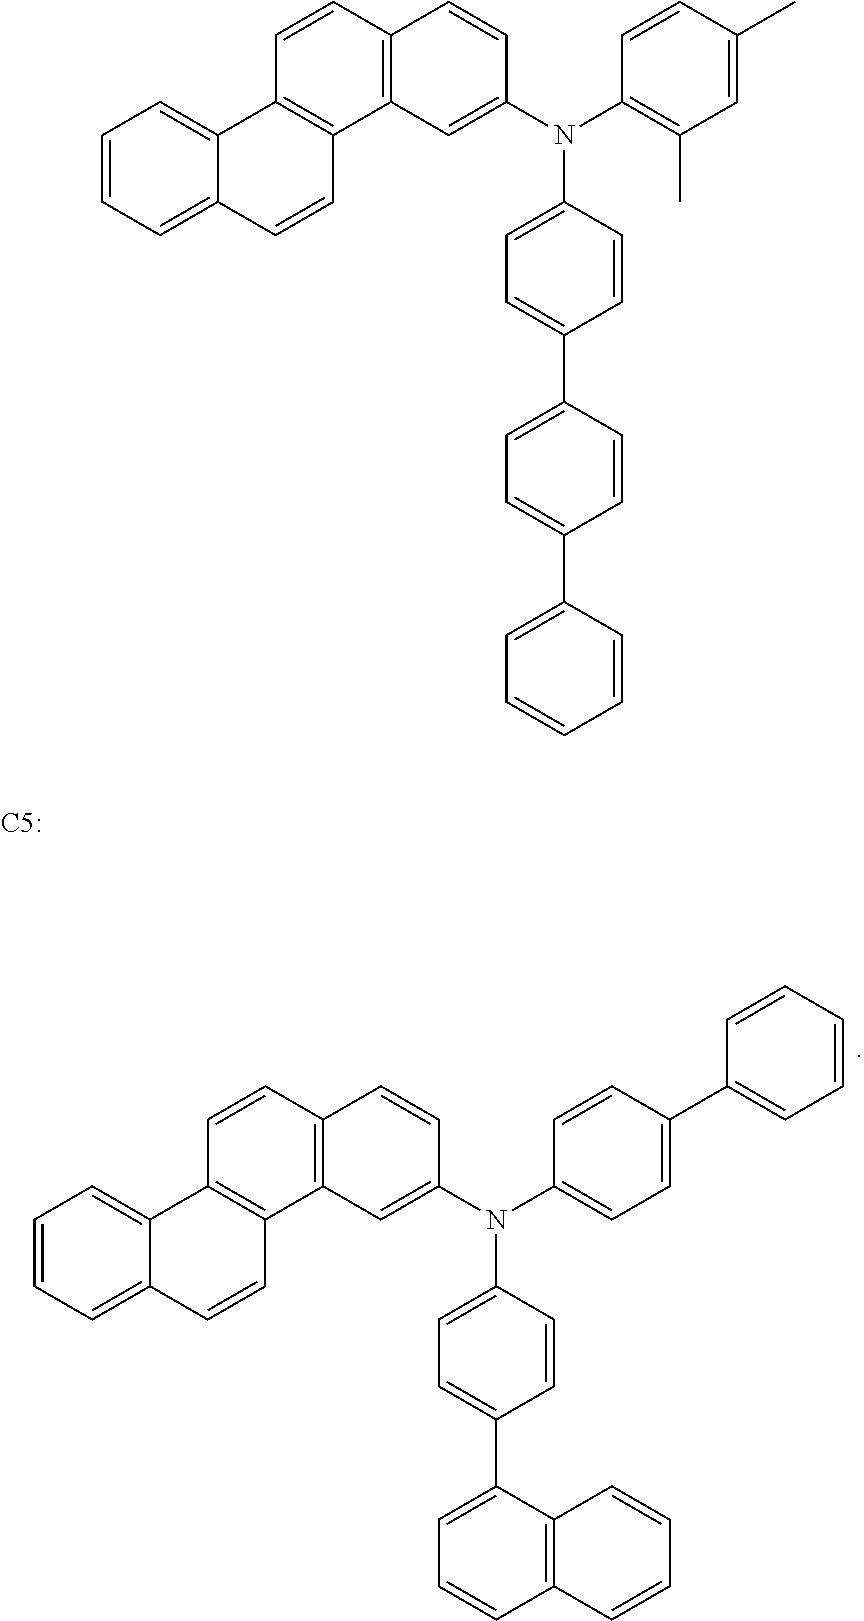 Figure US20110037381A1-20110217-C00035